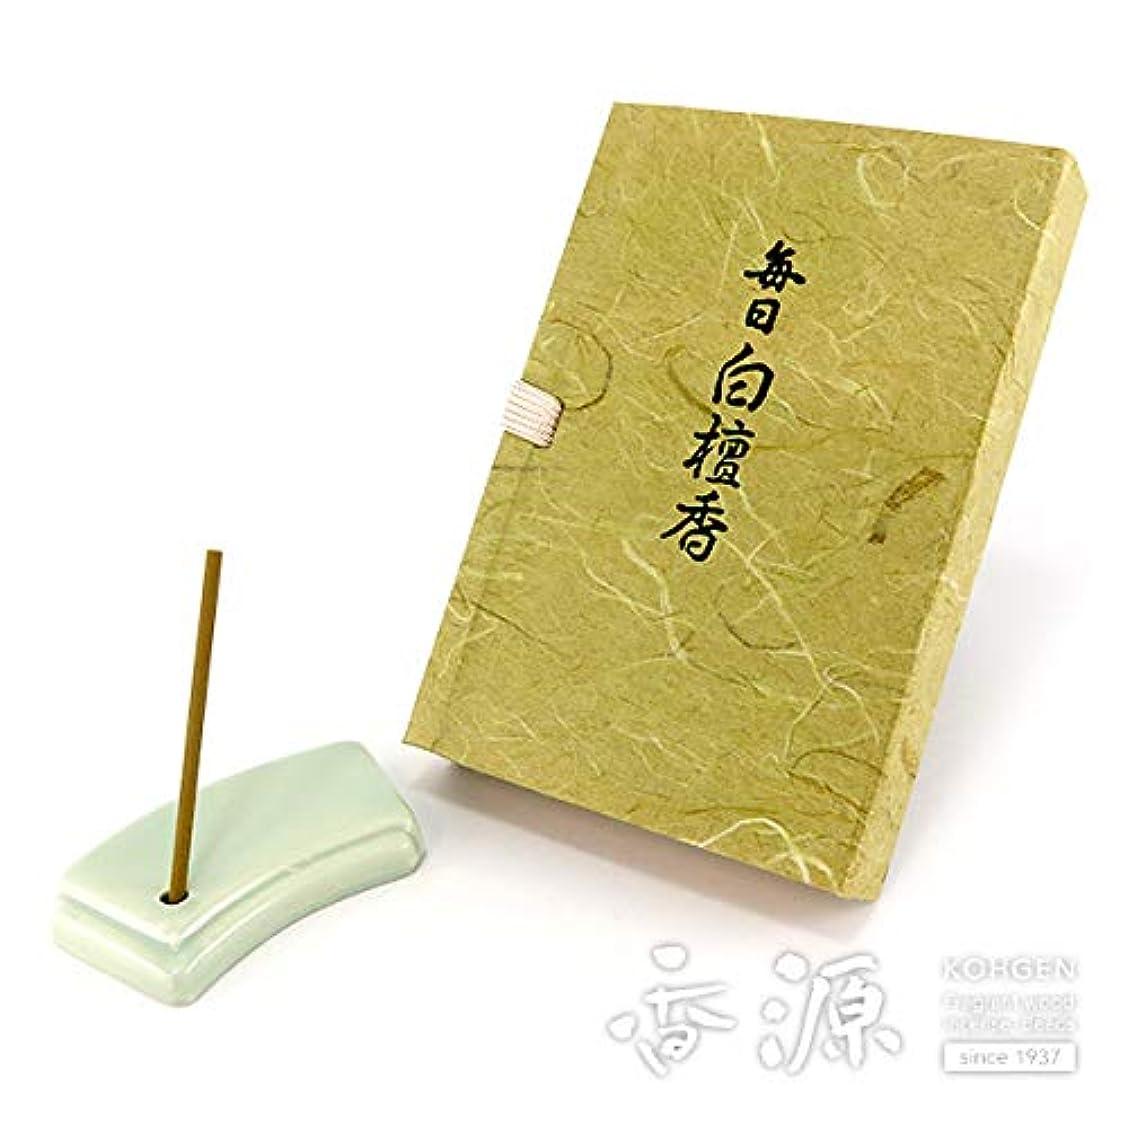 サーキットに行くチューインガムスケルトン日本香堂のお香 毎日白檀香 スティックミニ寸文庫型60本入り